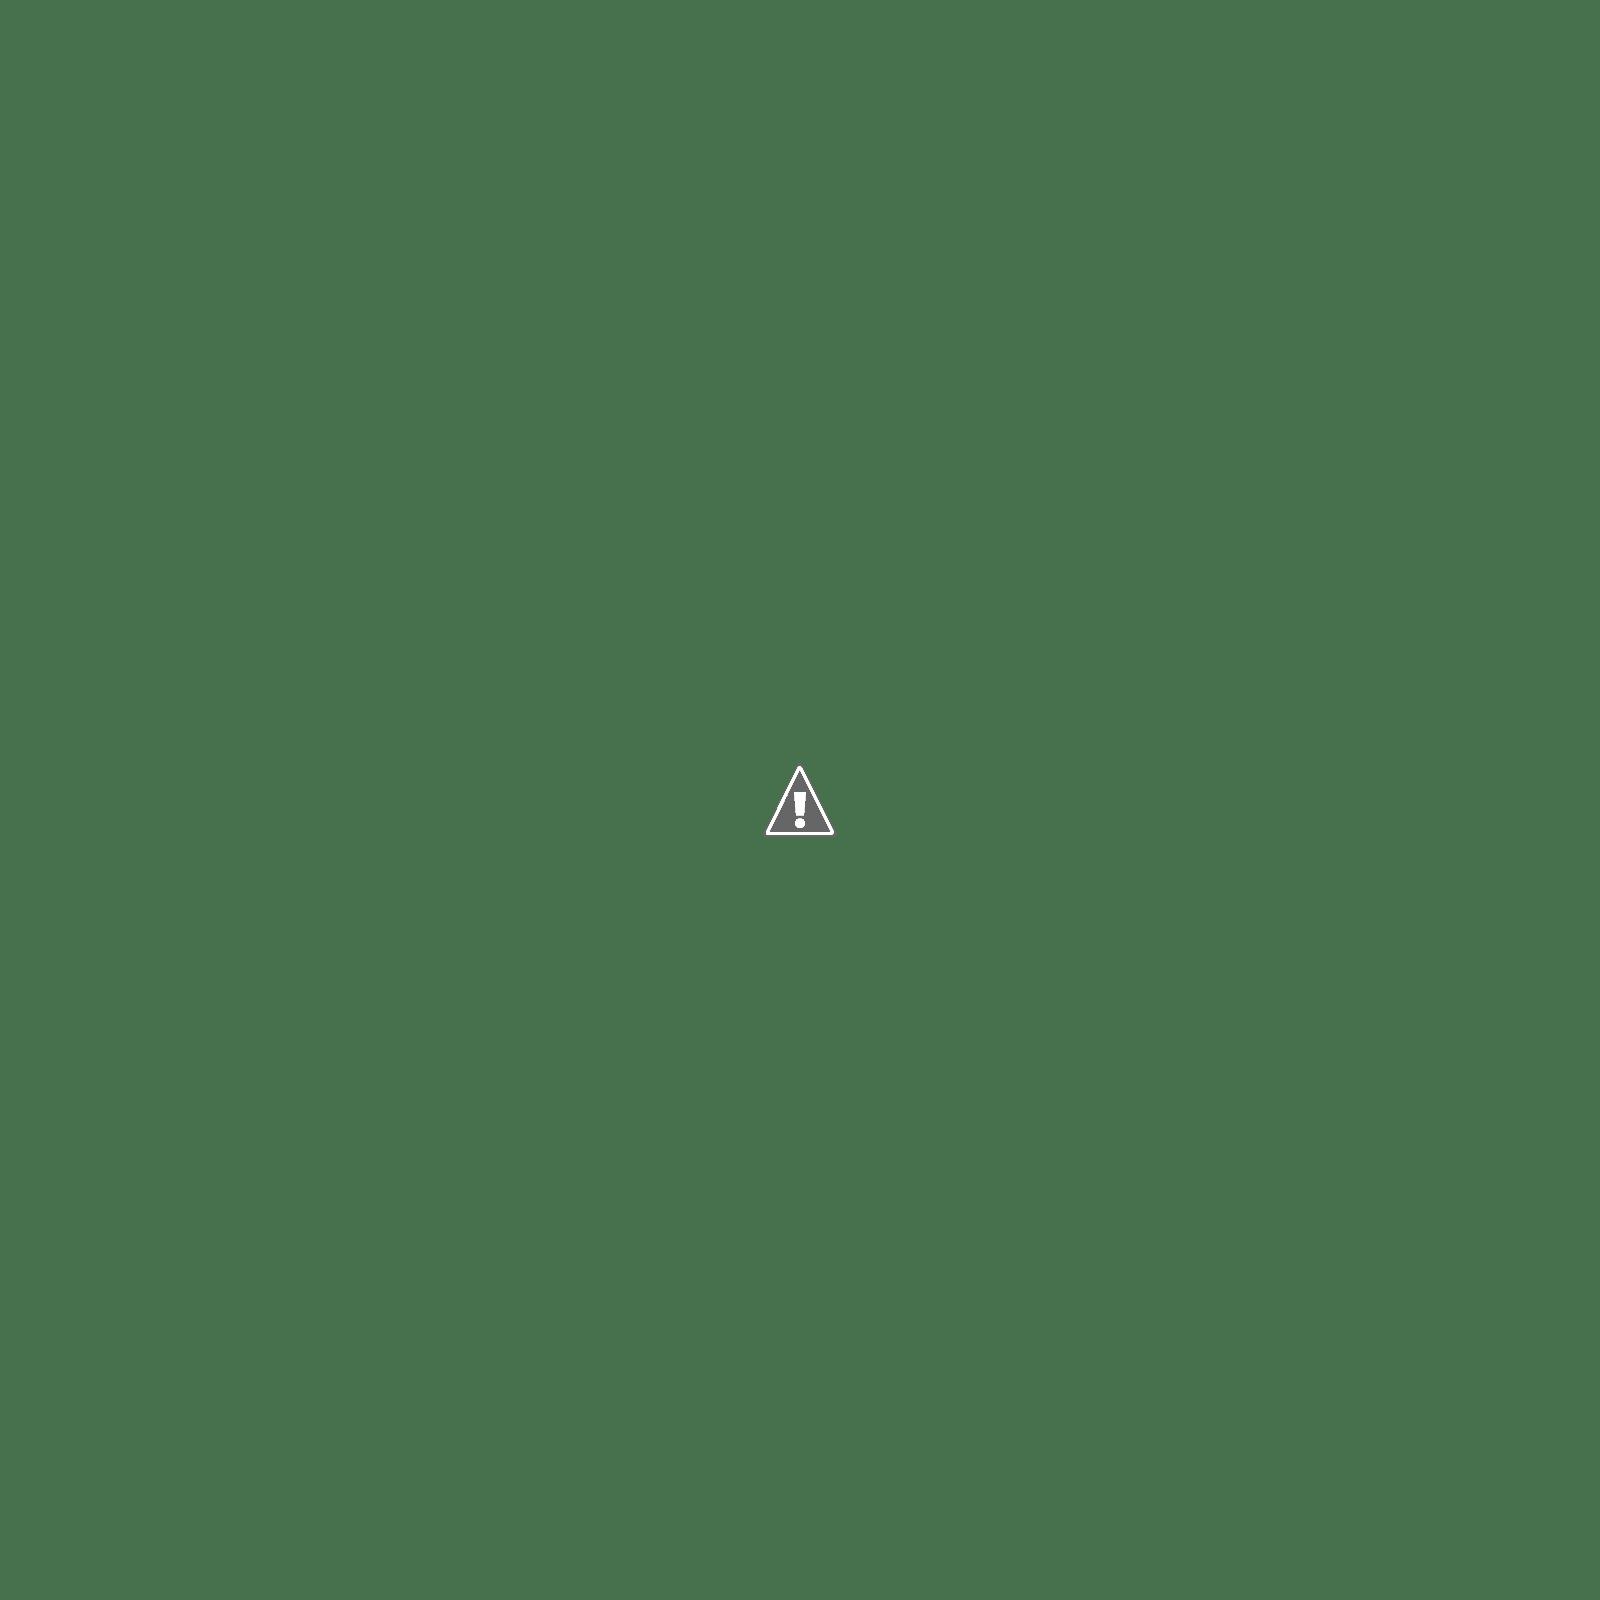 Hooky - Chapter 88